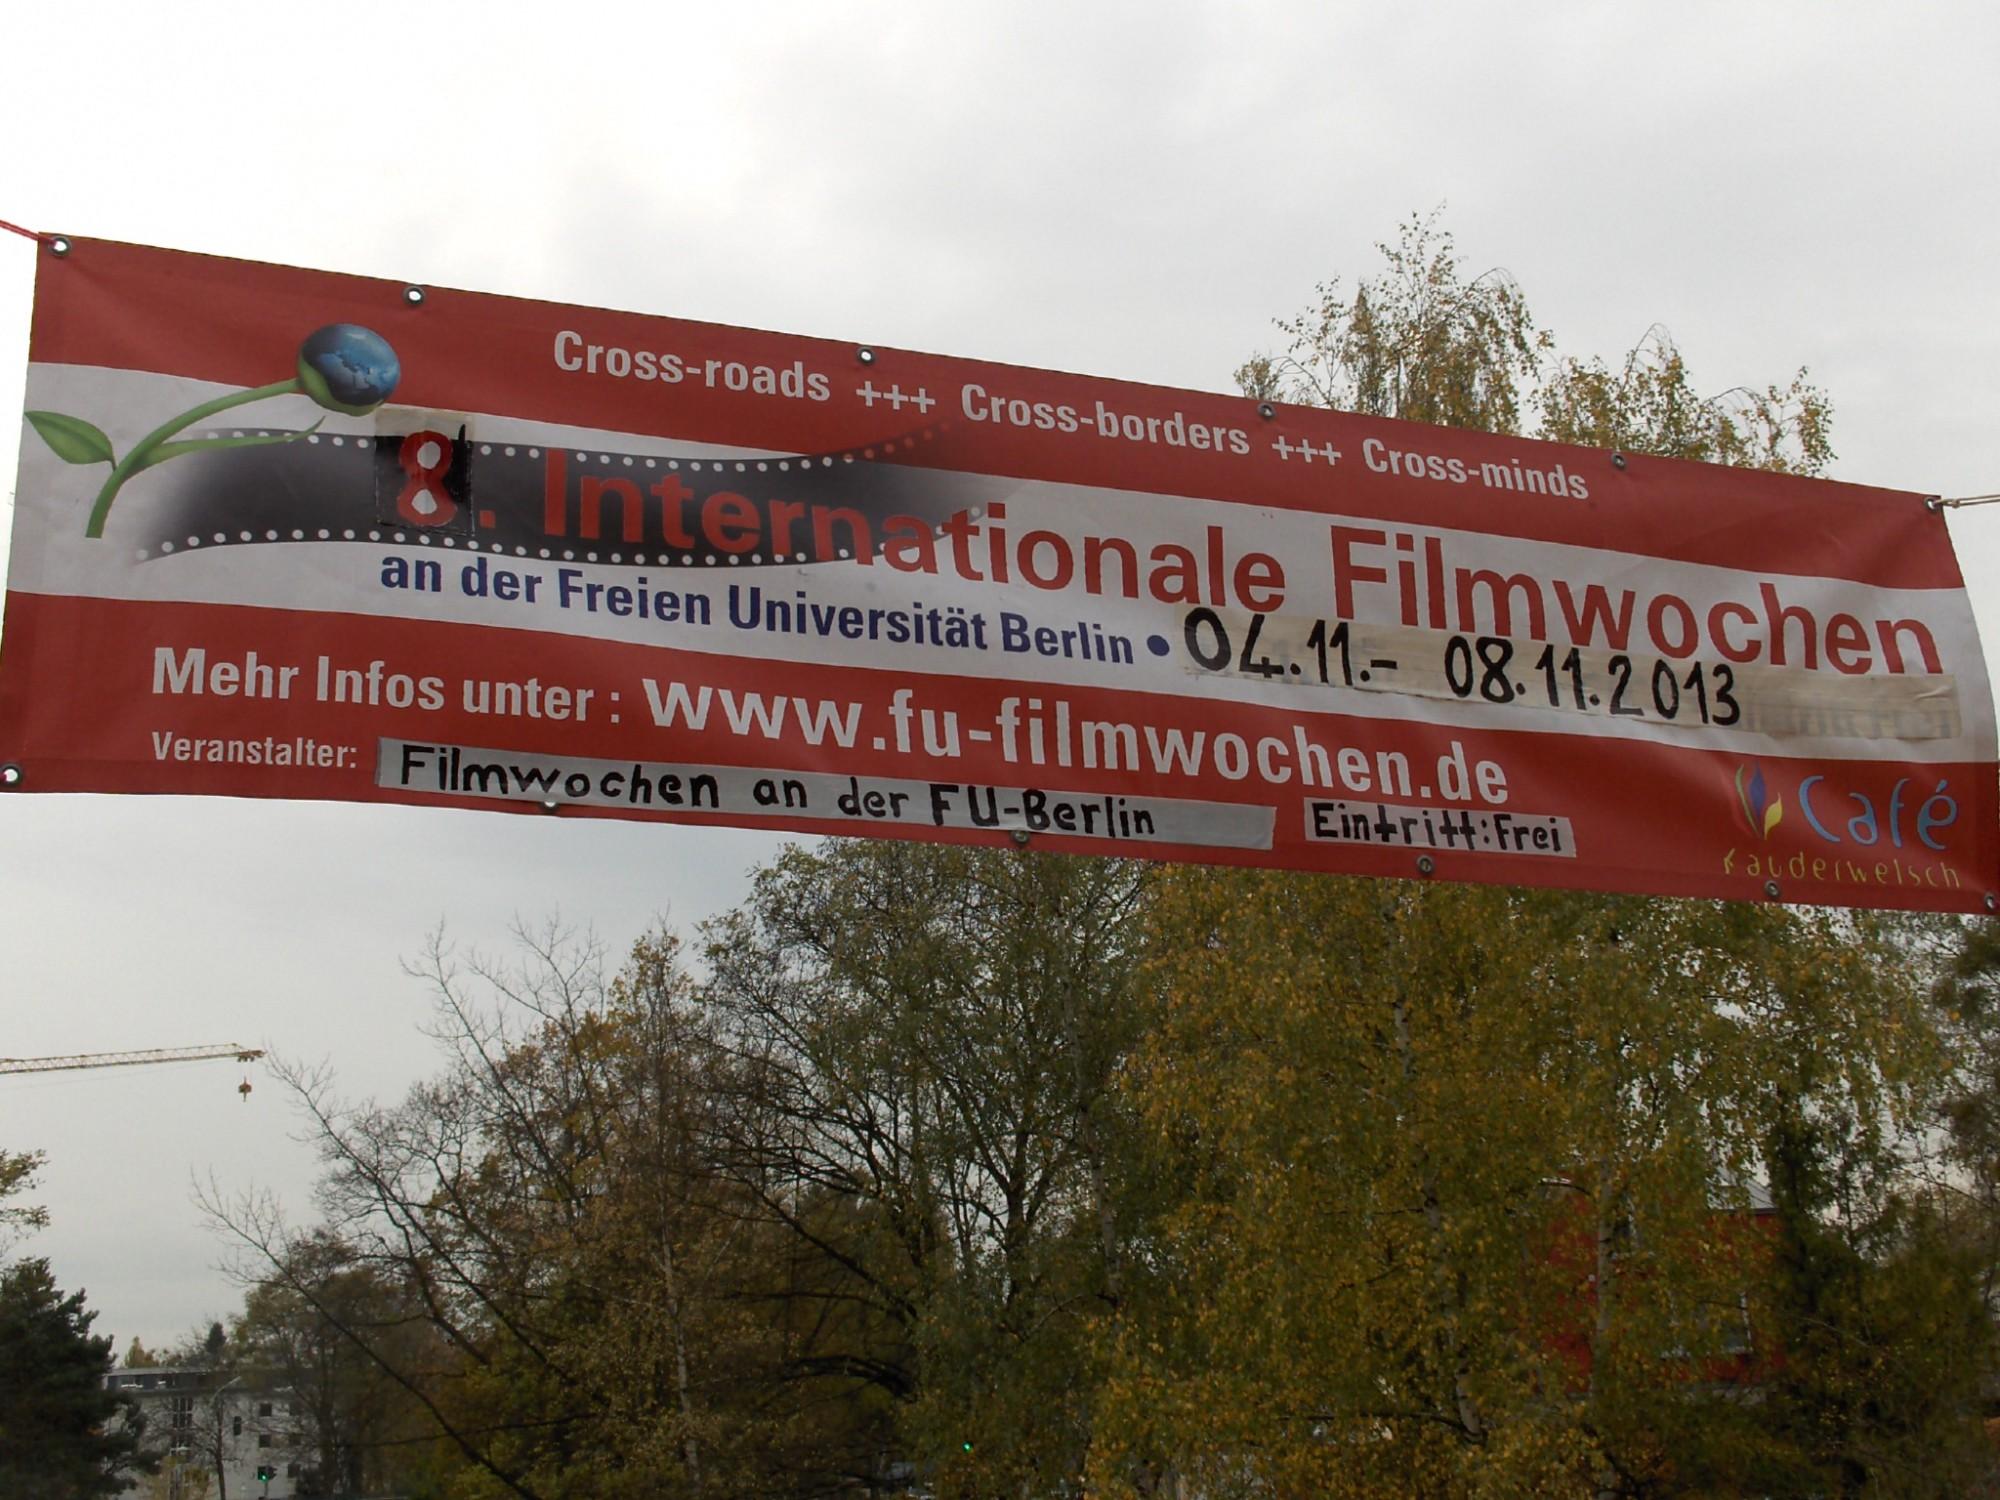 Nicht zu übersehen: Die Filmwoche an der FU. Foto: Silvana Briebsch